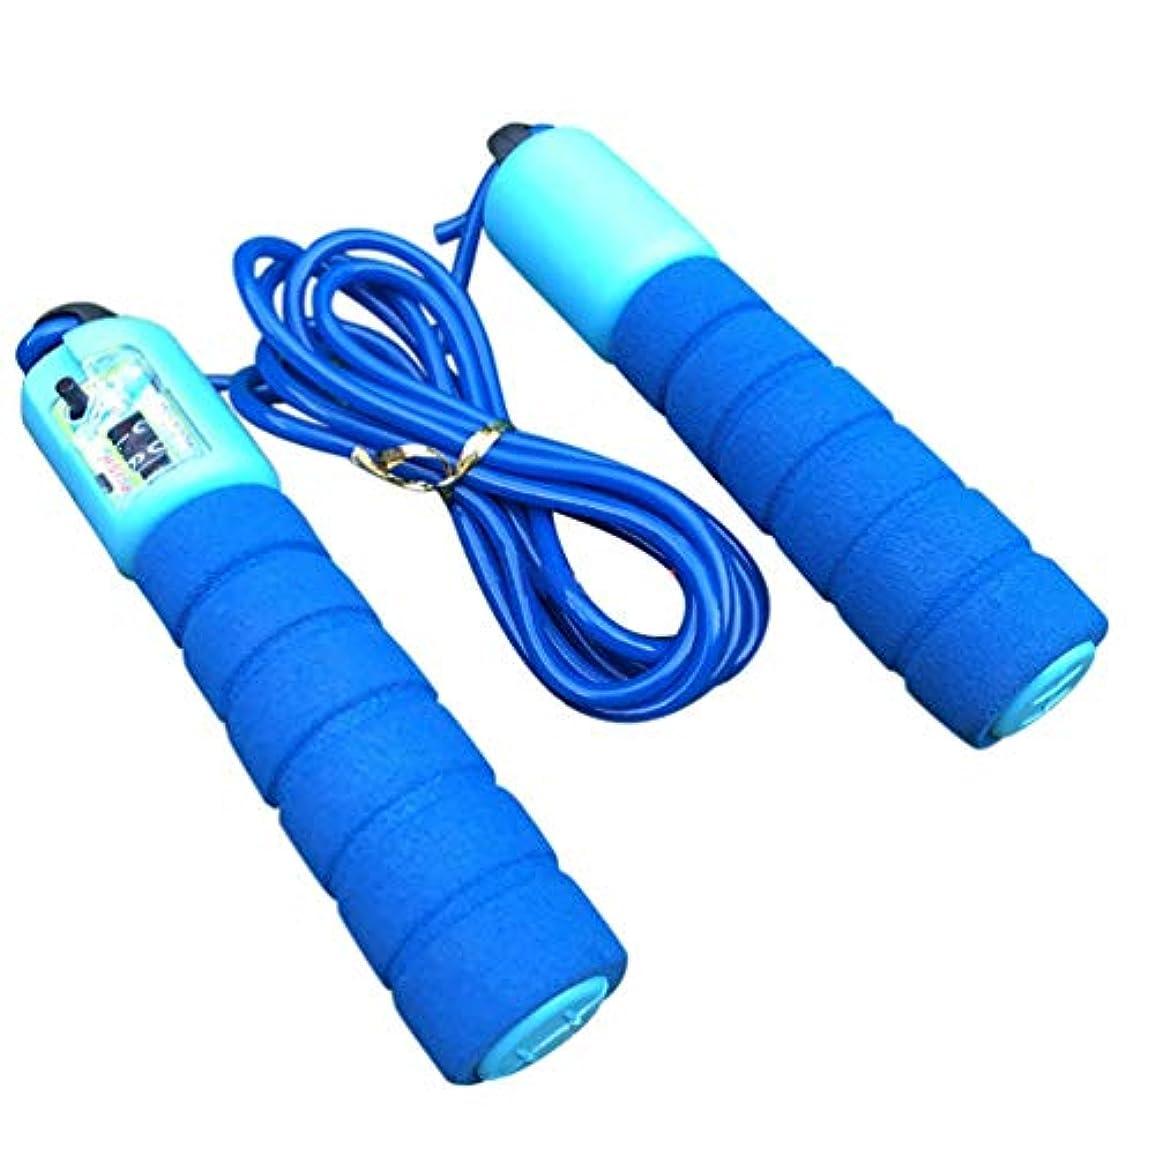 ハンマー浸した駅調整可能なプロフェッショナルカウント縄跳び自動カウントジャンプロープフィットネス運動高速カウントジャンプロープ - 青